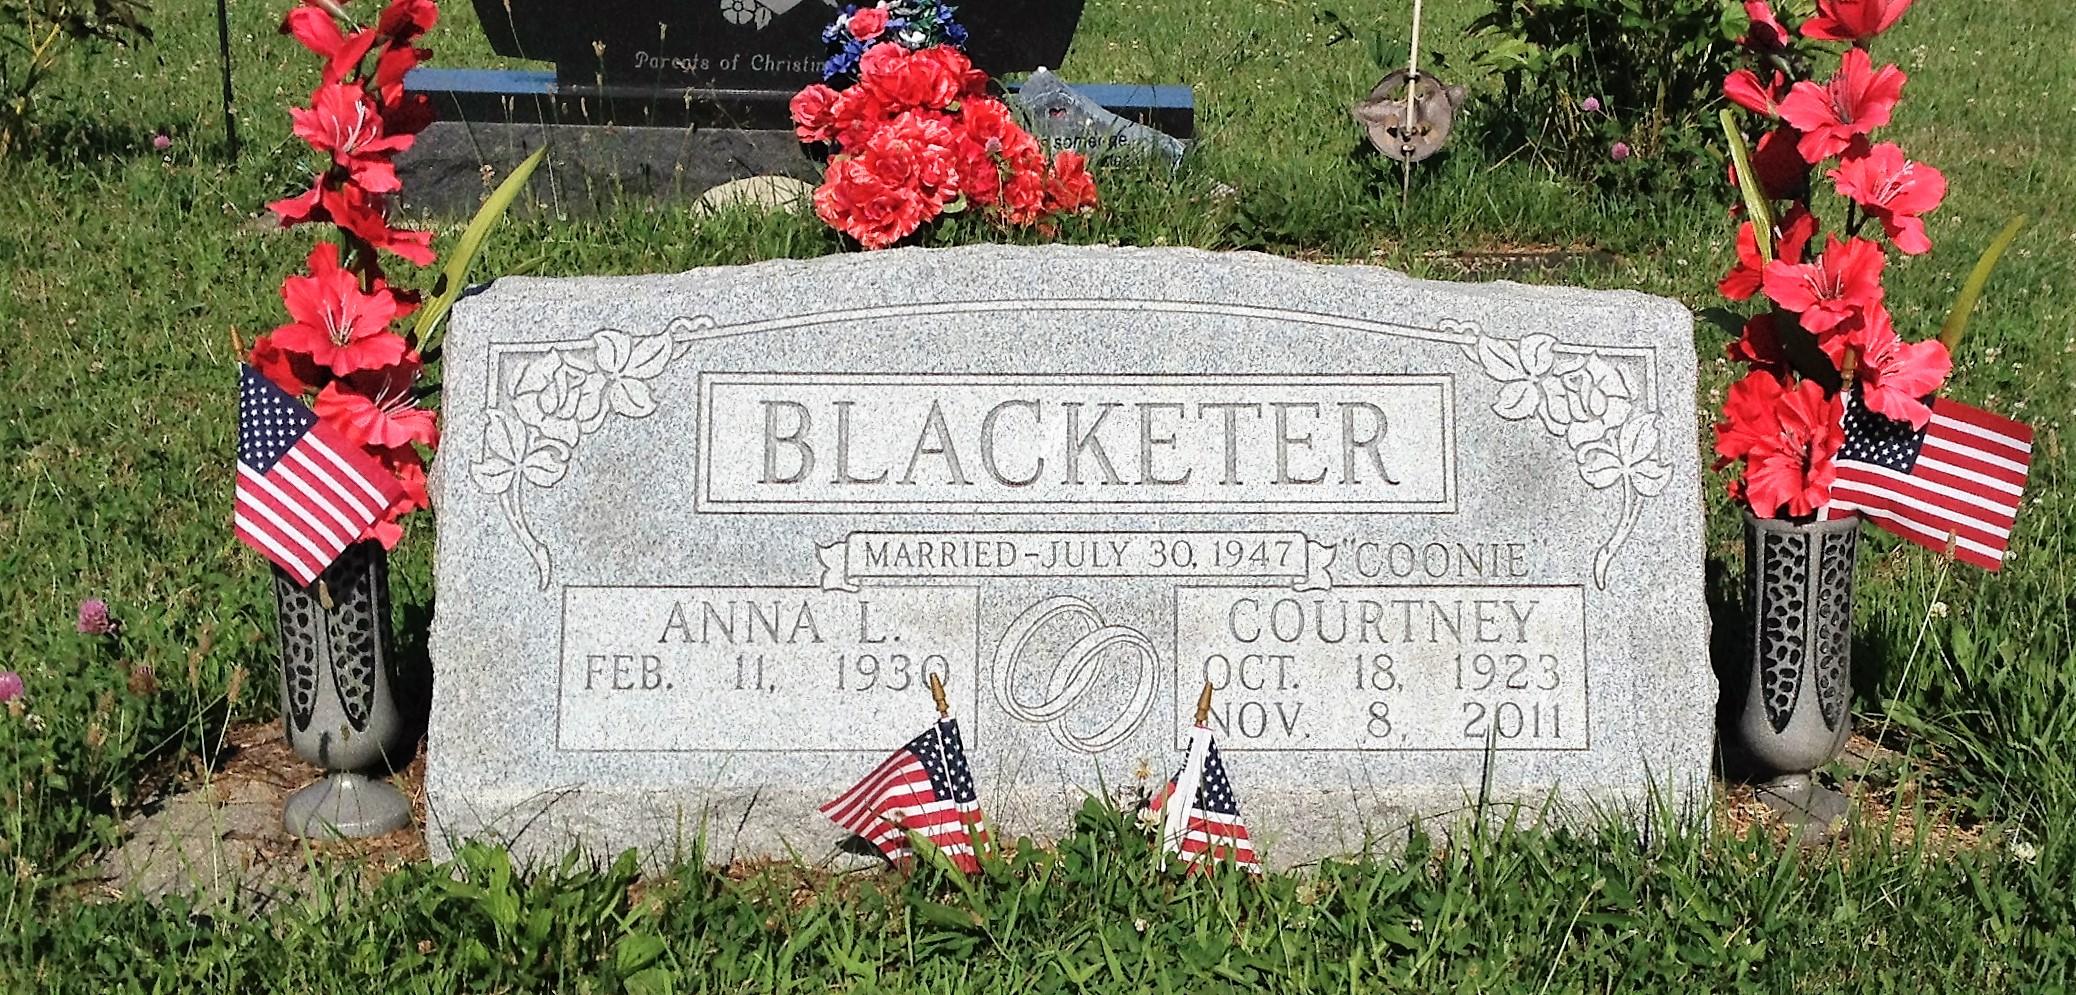 Courtney Coonie Blacketer, Jr